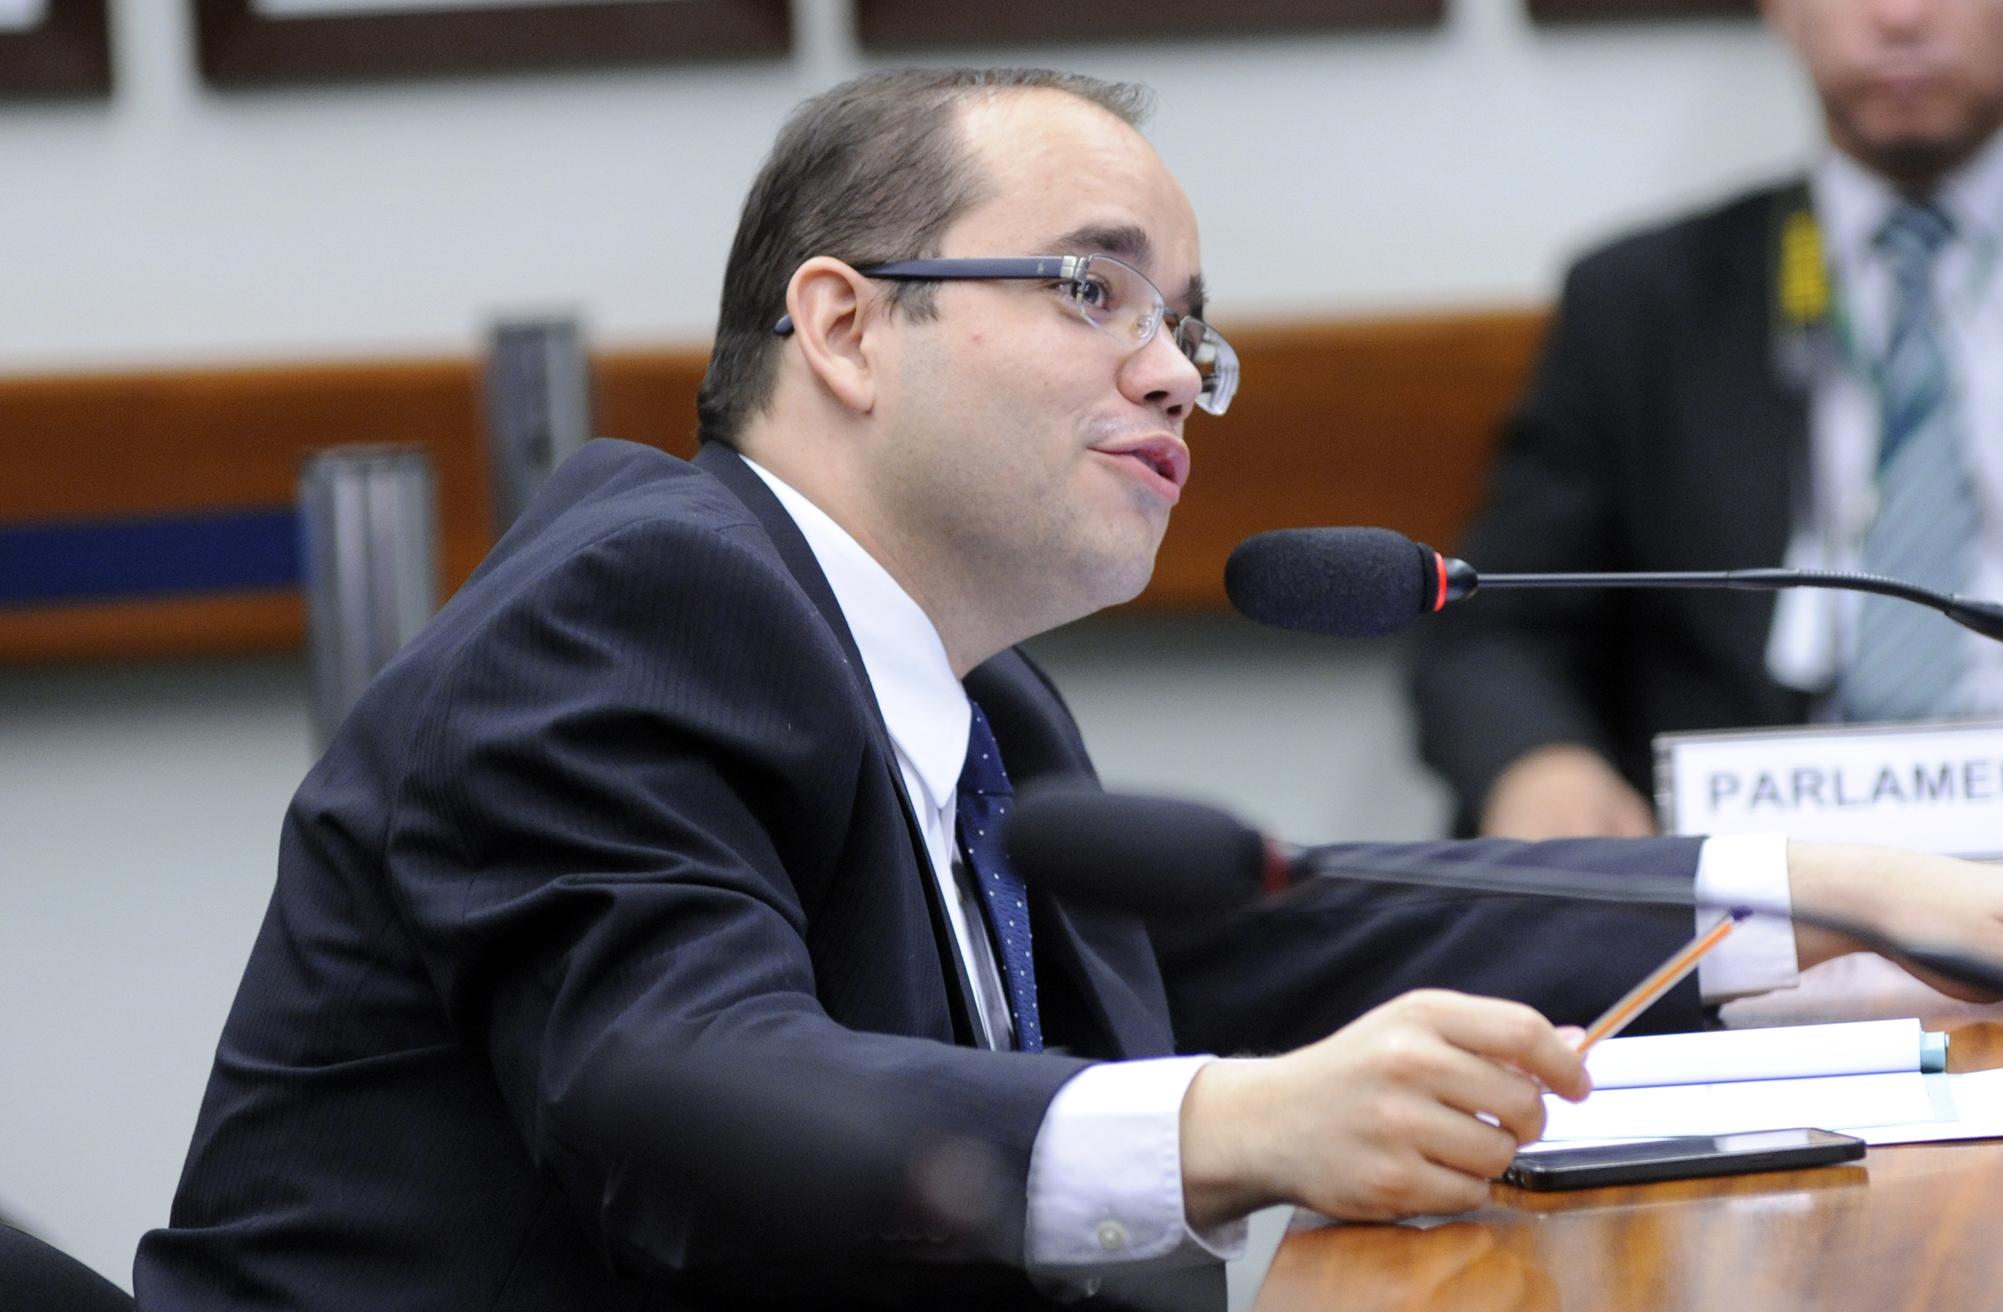 Audiência pública sobre o Sistema de Votação Eletrônica. Dep. Fábio Souza (PSDB-GO)